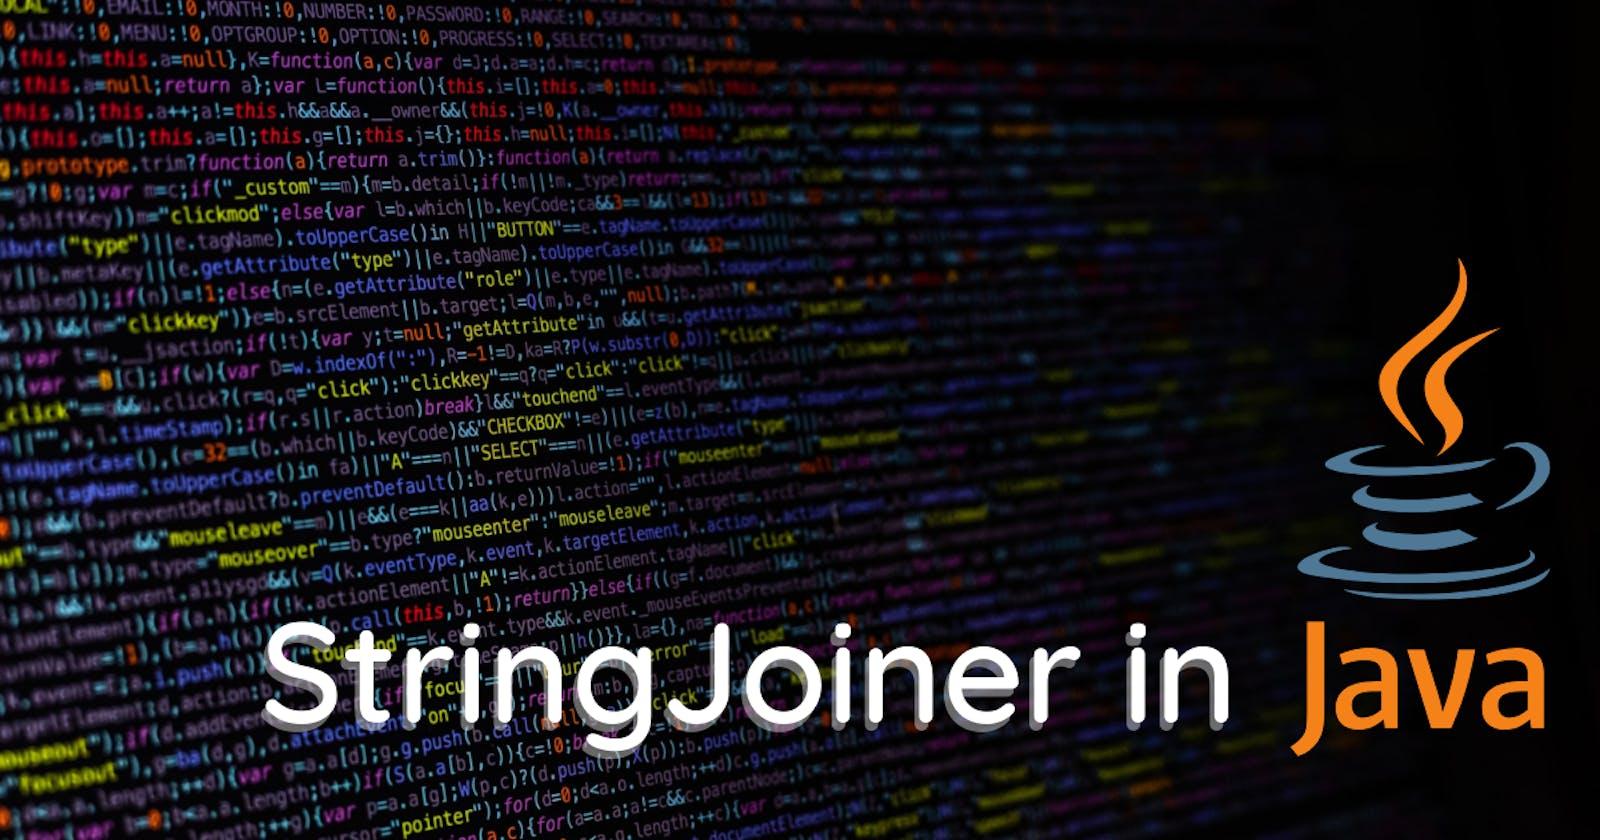 Using StringJoiner in Java